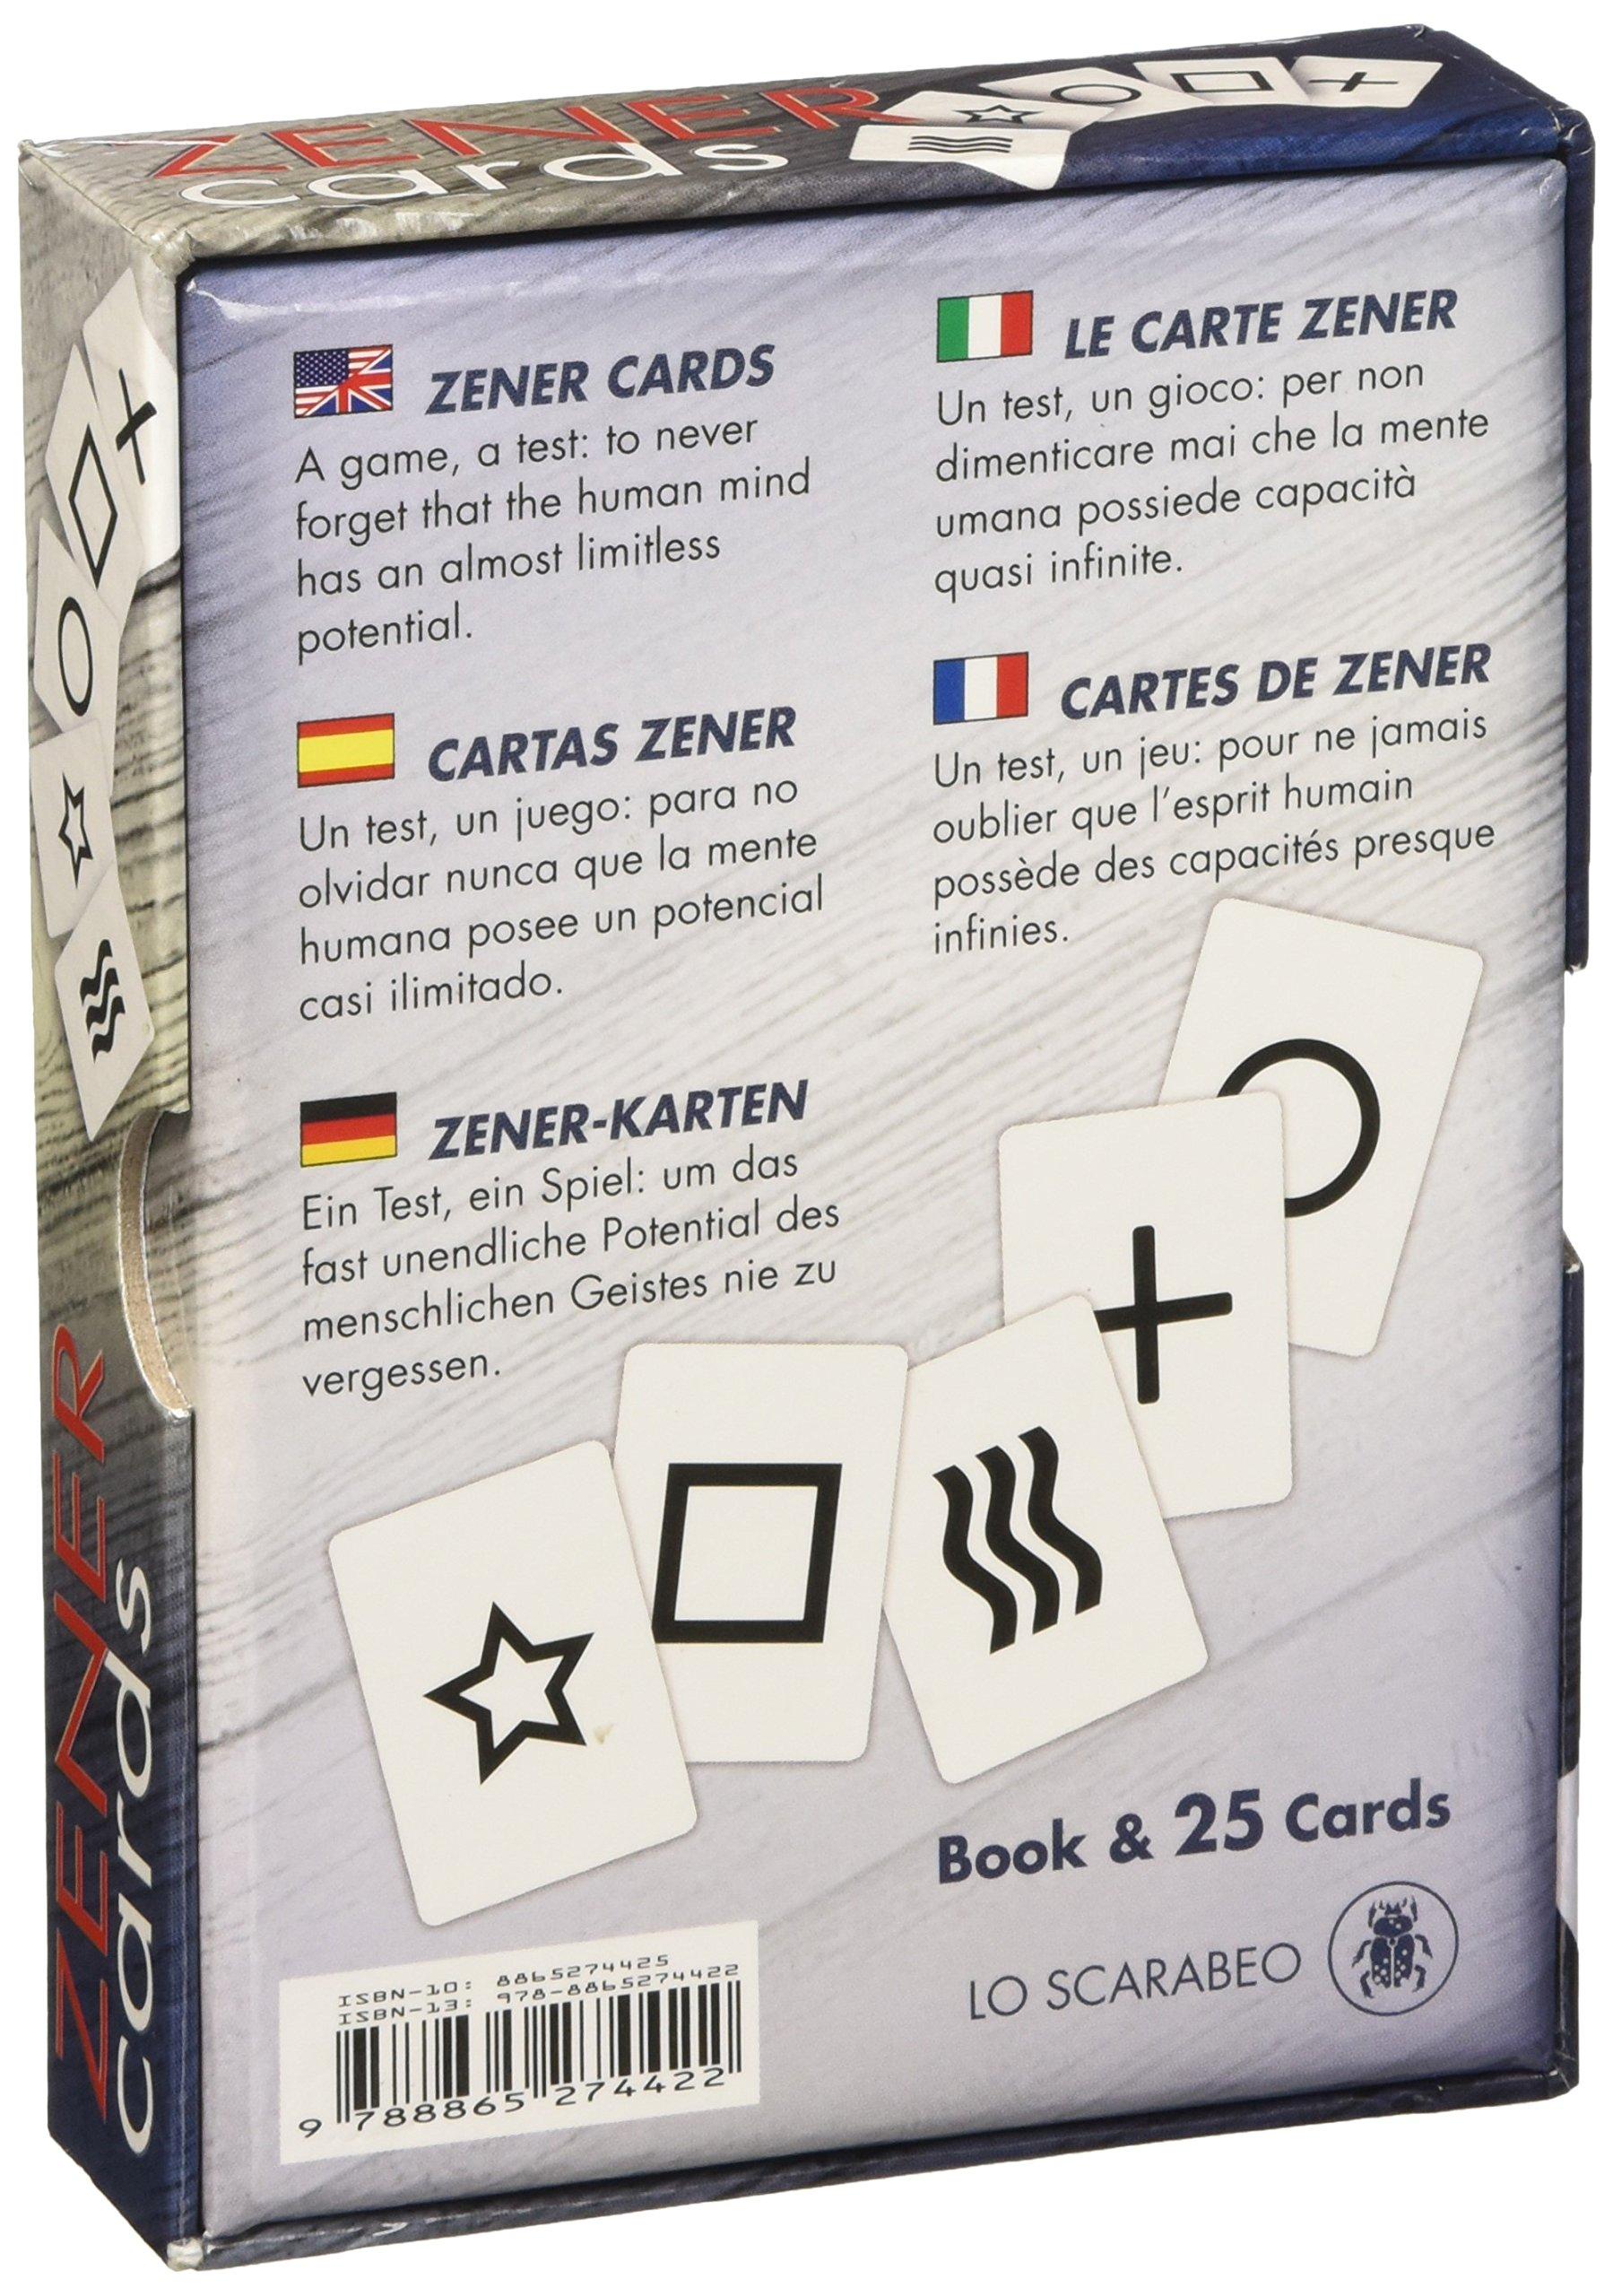 Zener cards. Ediz. multilingue. Con Carte: Amazon.es ...